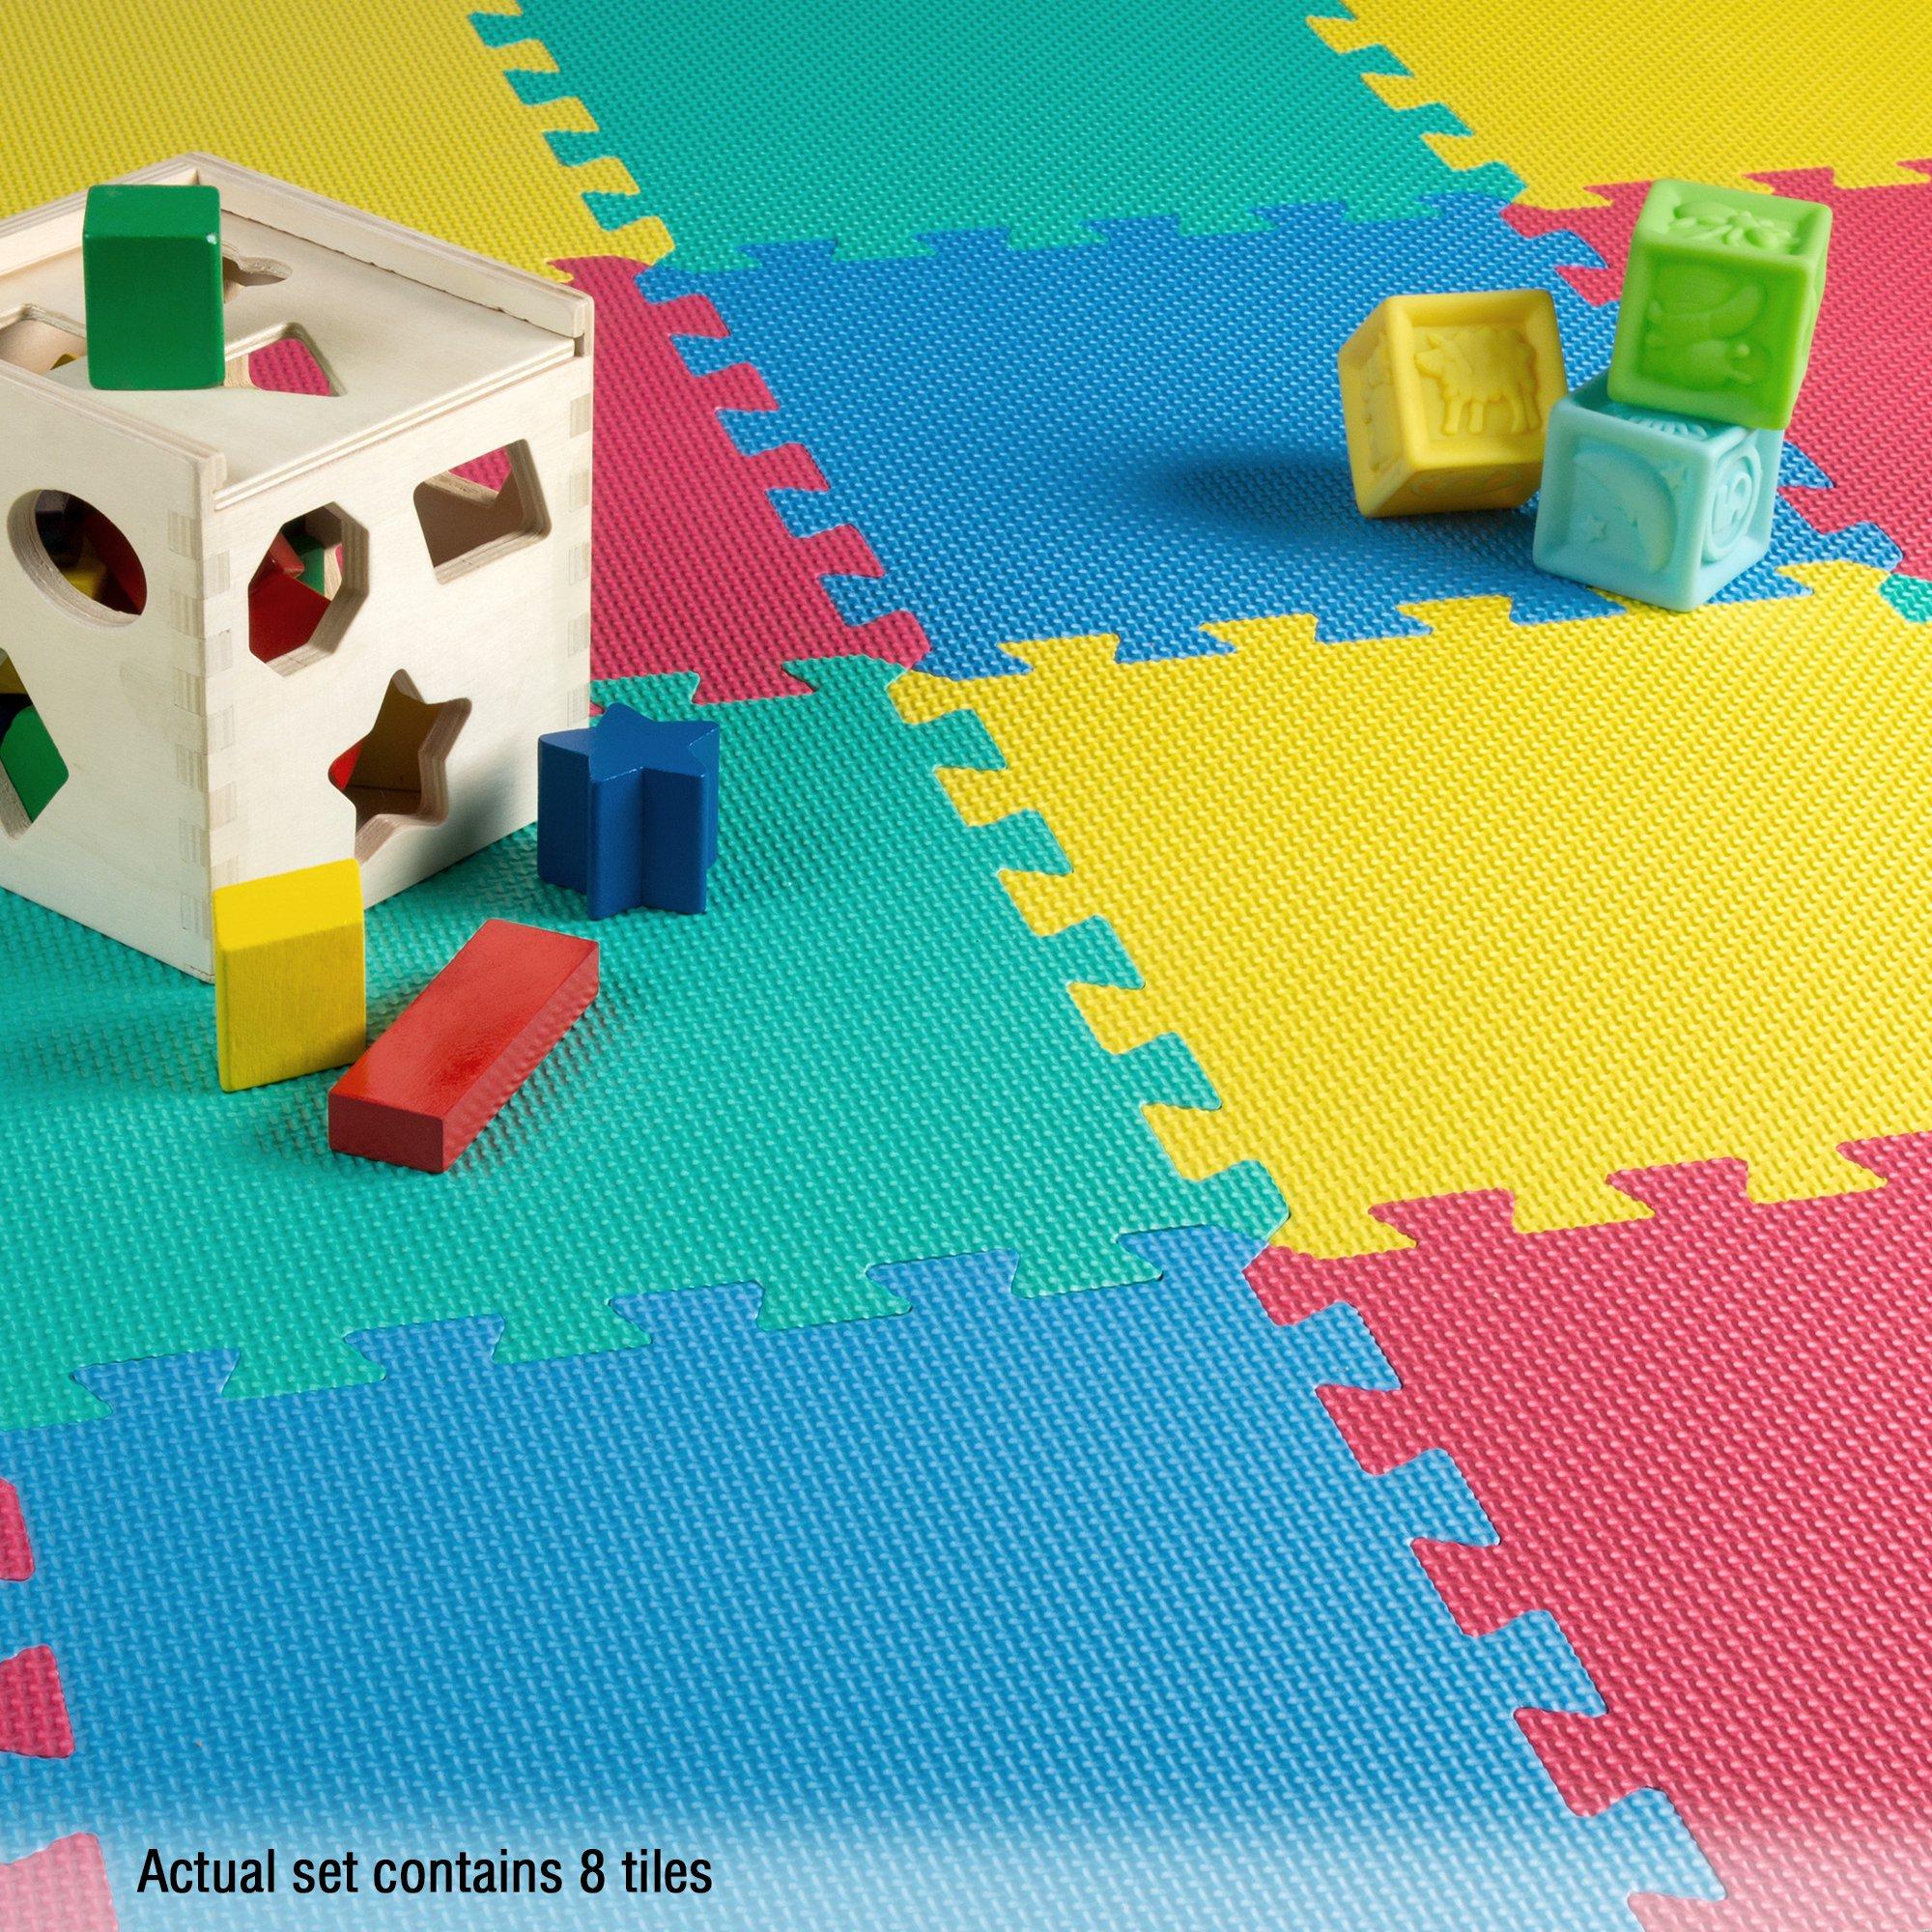 Stalwart Foam Mat Floor Tiles, Interlocking EVA Foam Padding by Stalwart (Image #2)